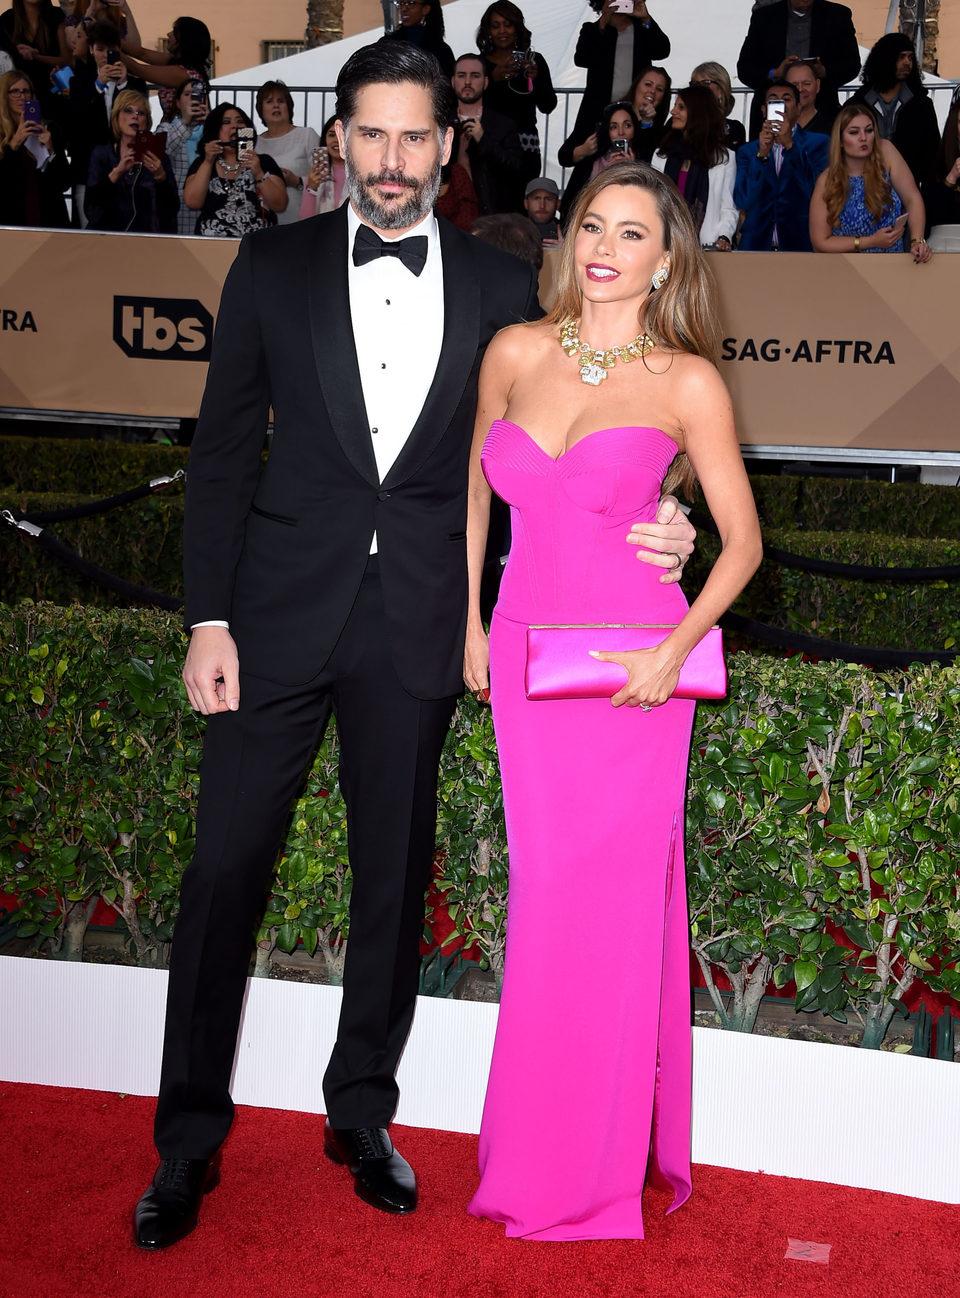 Joe Manganiello and Sofia Vergara at the SAG Awards 2016 red carpet